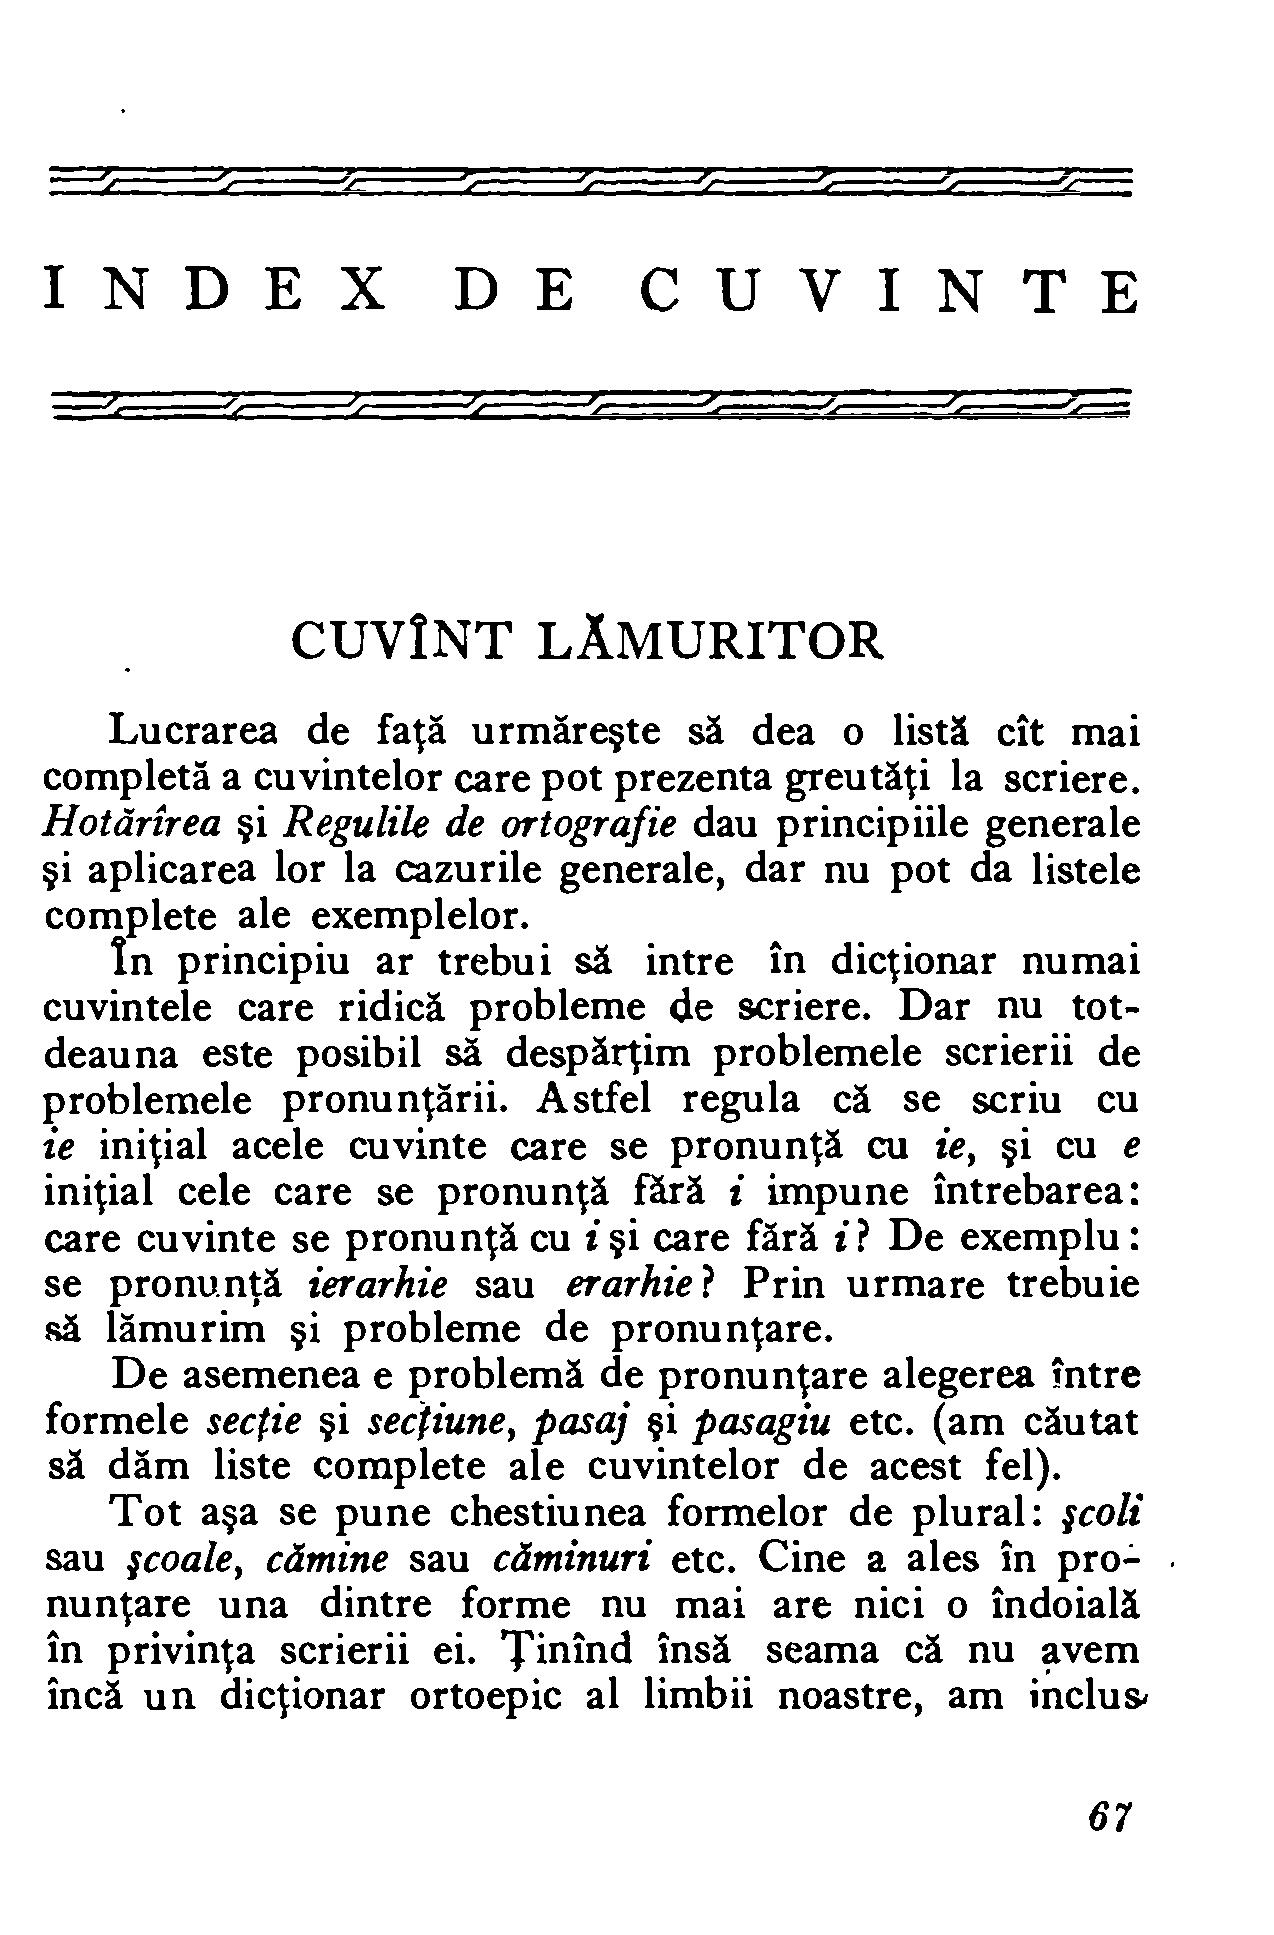 1954 - Mic dicționar ortografic (64).png